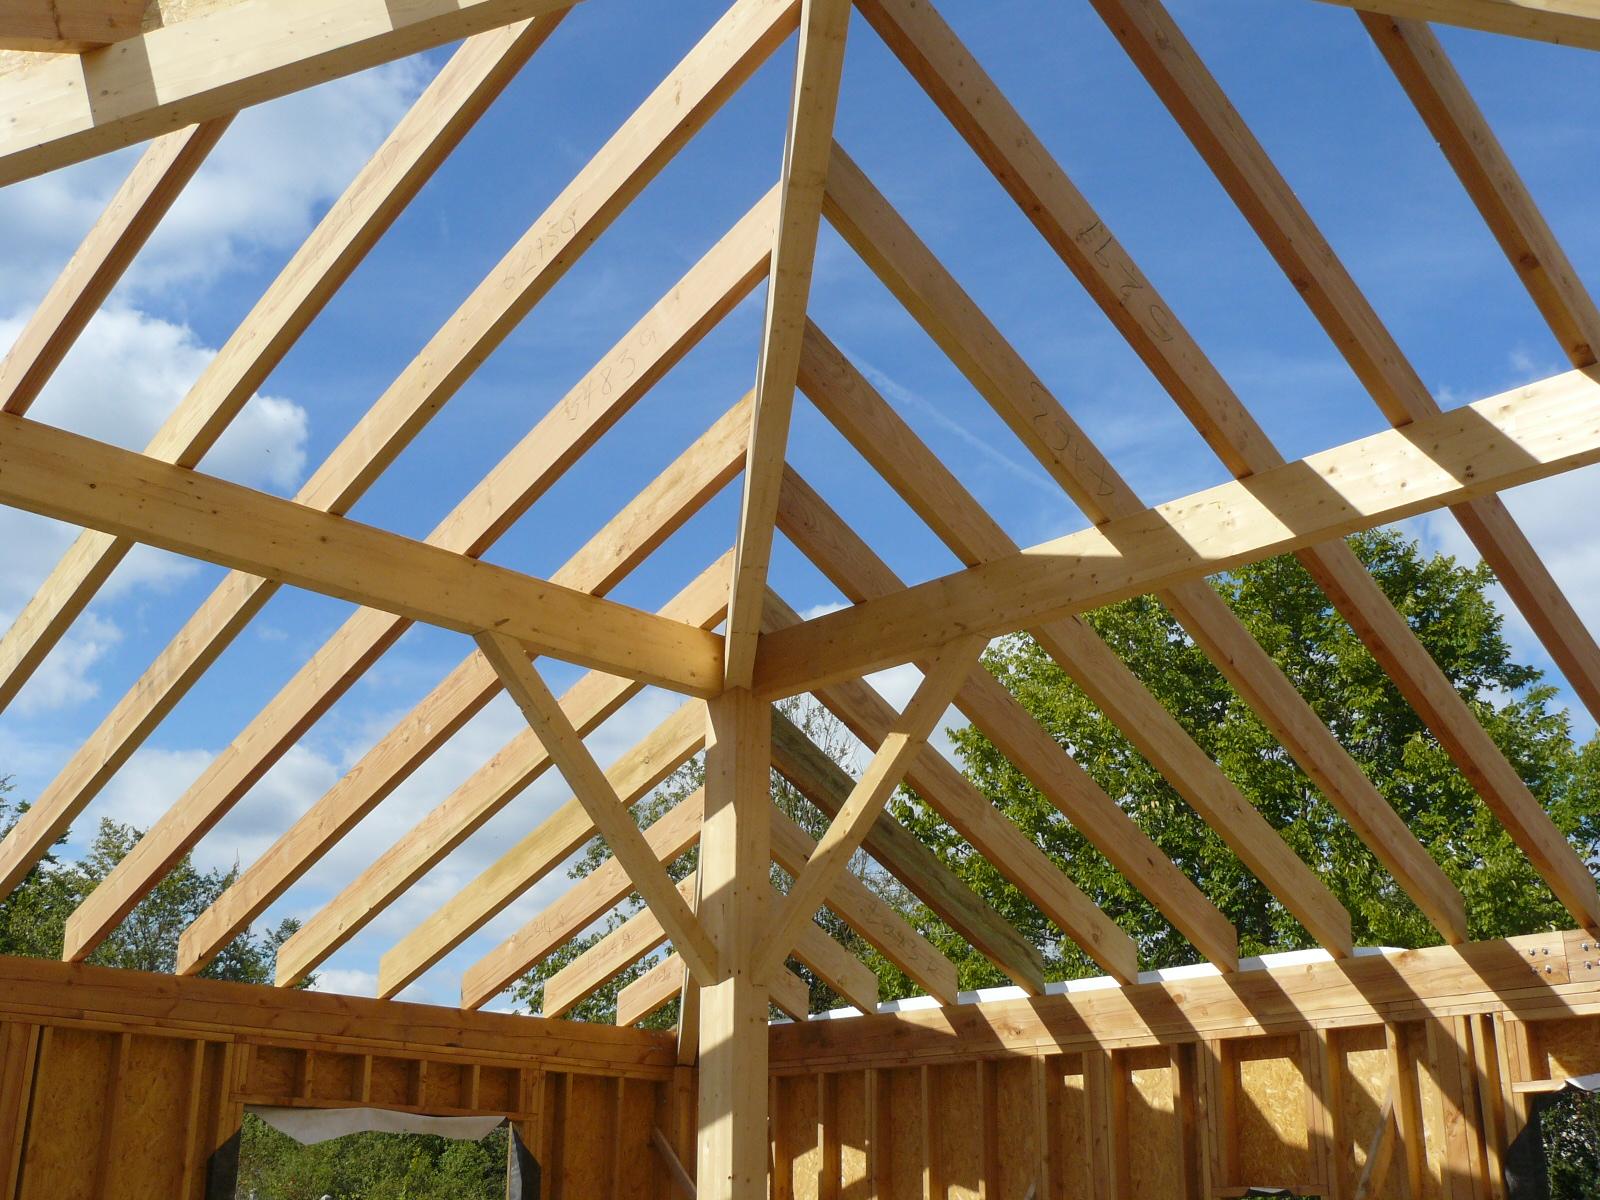 Fazele constructive ale unei case din lemn la cheie NATURAL LIVING - Poza 49